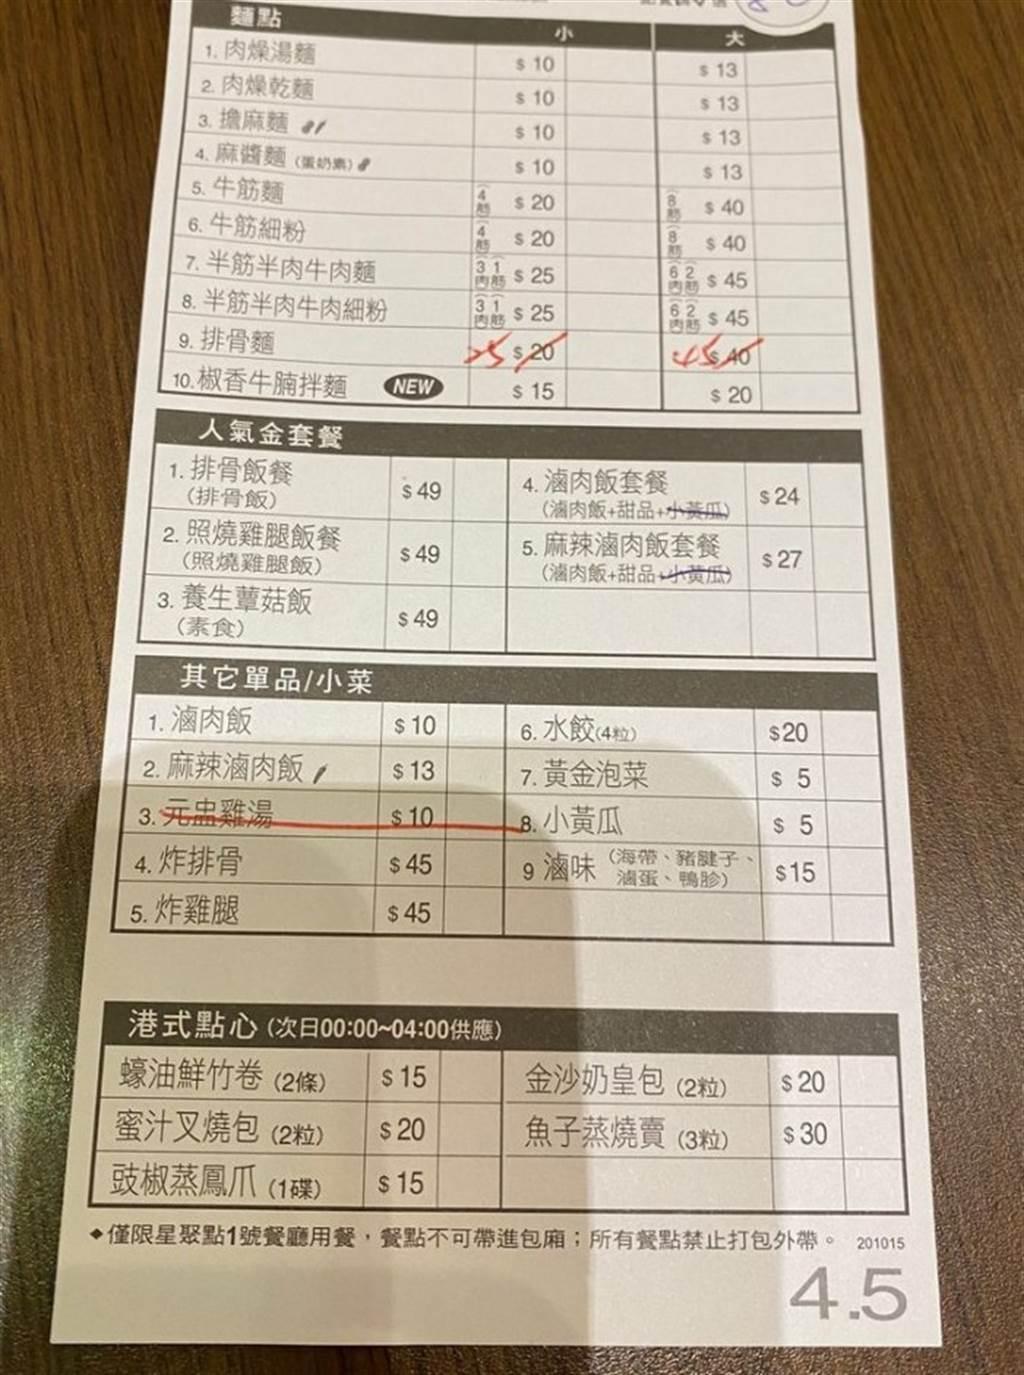 整張菜單上的品項皆未超過50元,令不少網友看了十分心動。(圖/翻攝自Dcard)